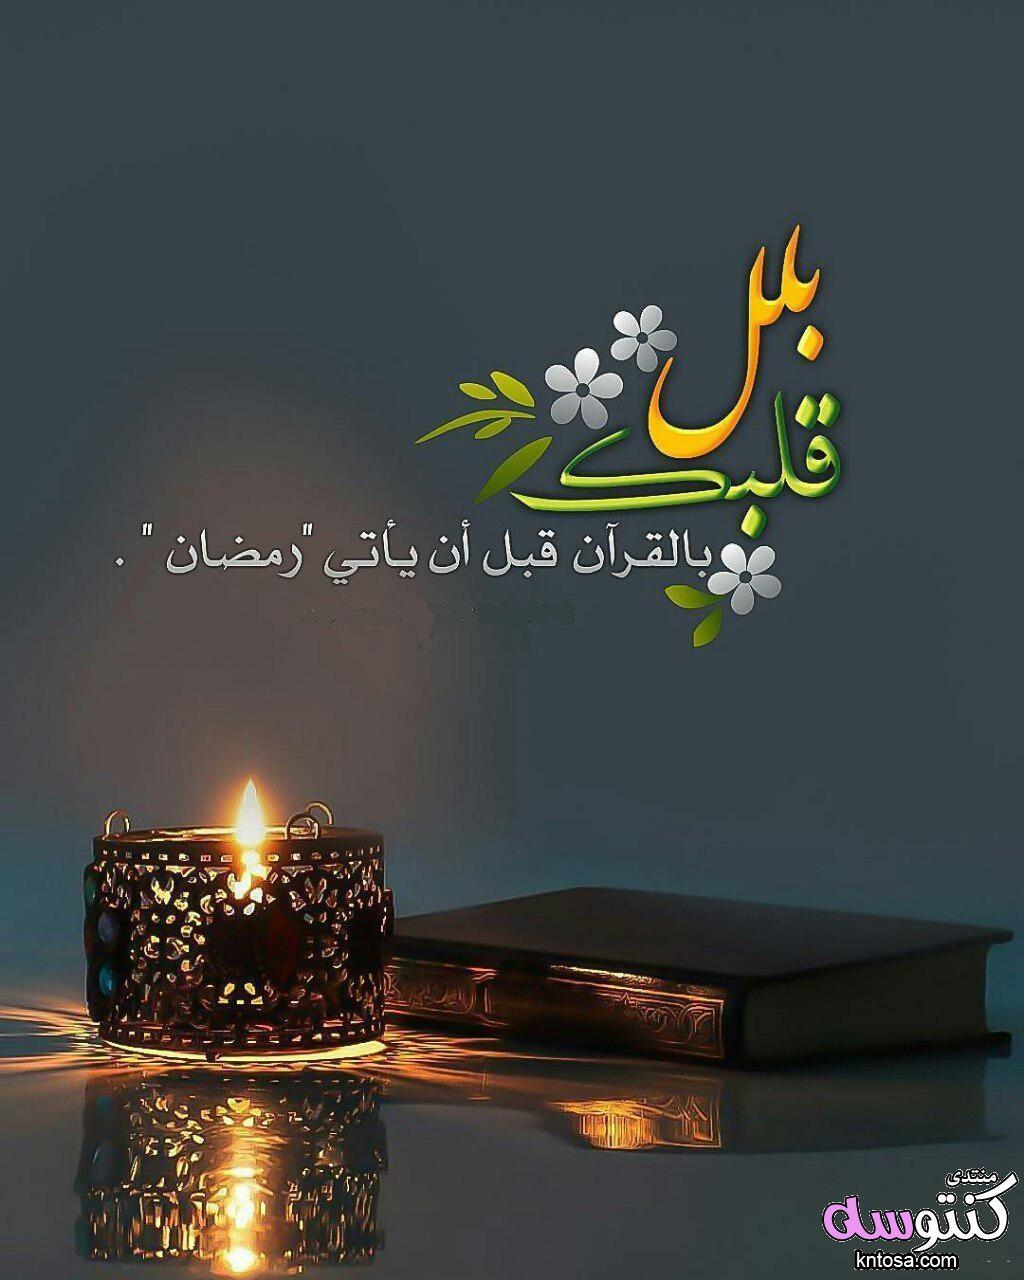 صور اسلامية روعة , تصاميم دعوية , صور دعوية اسلامية kntosa.com_25_18_154